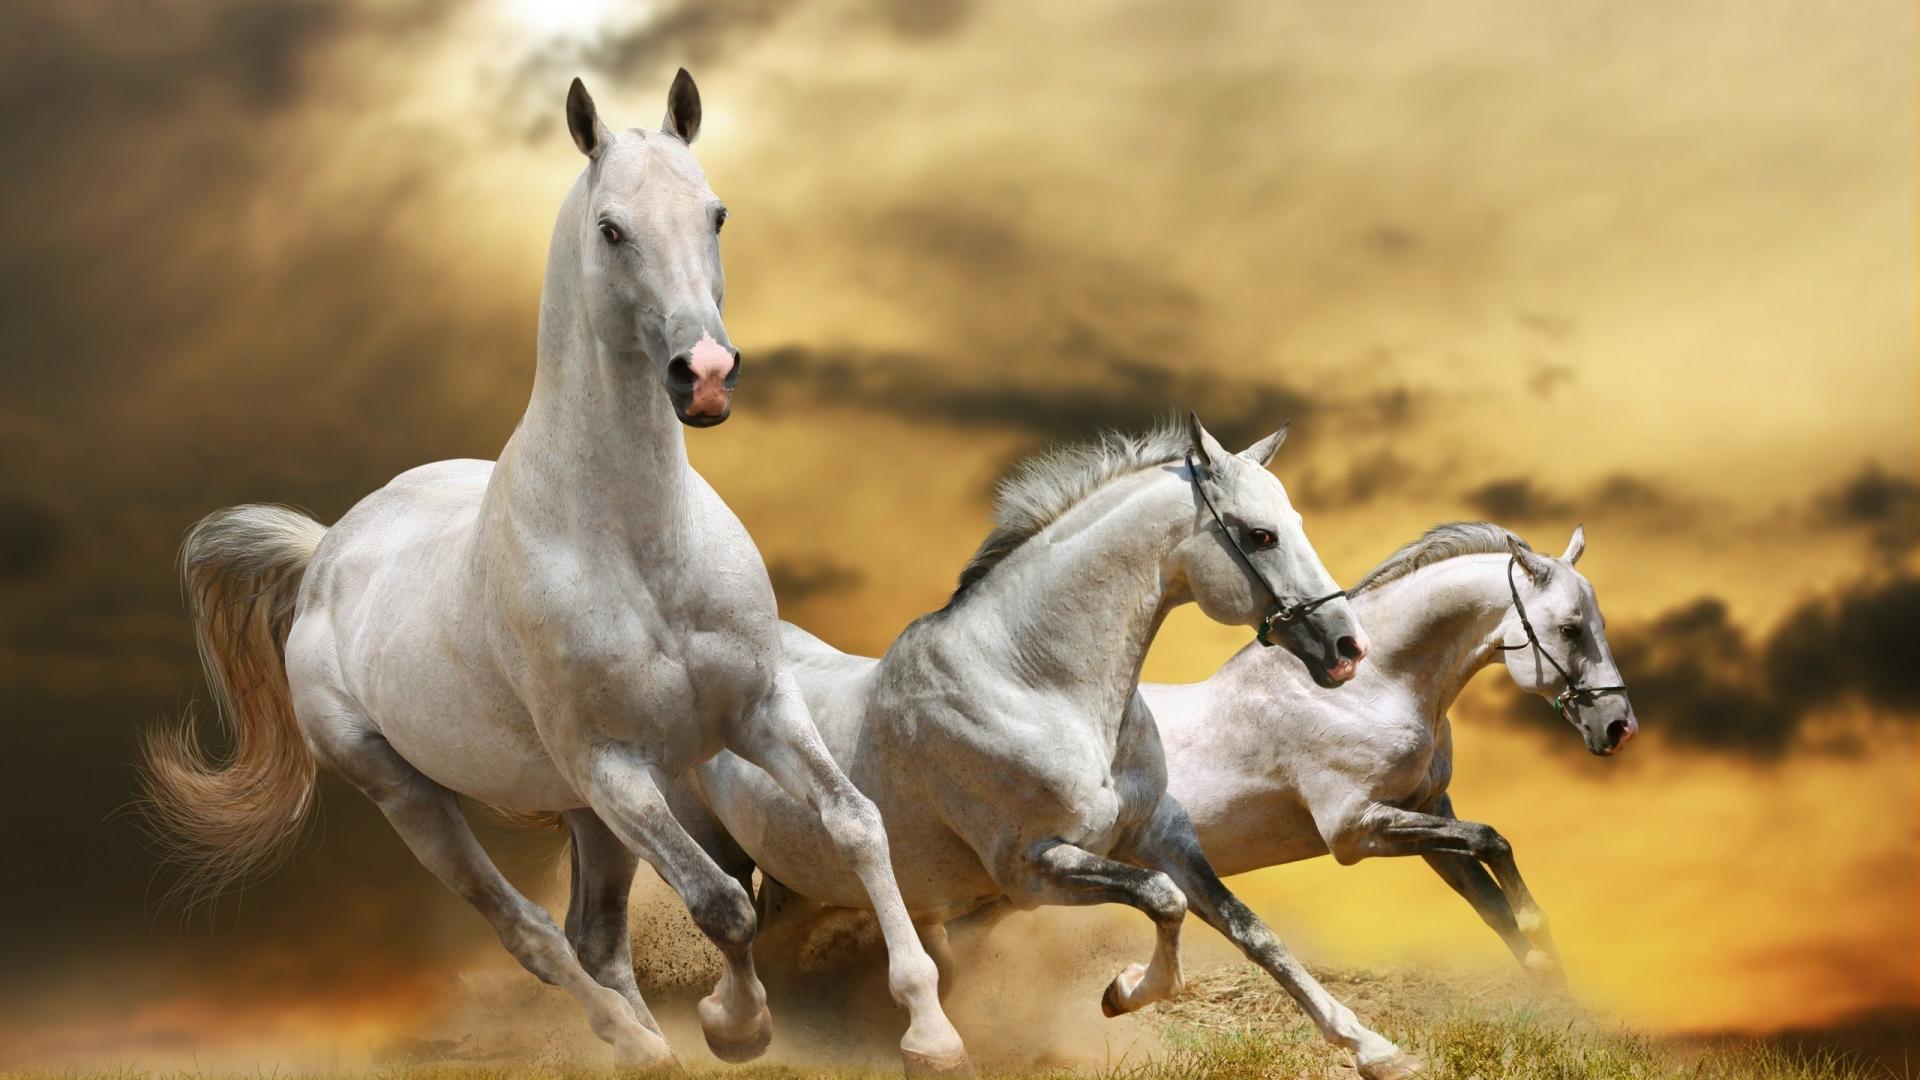 Three Beautiful White Horses Running